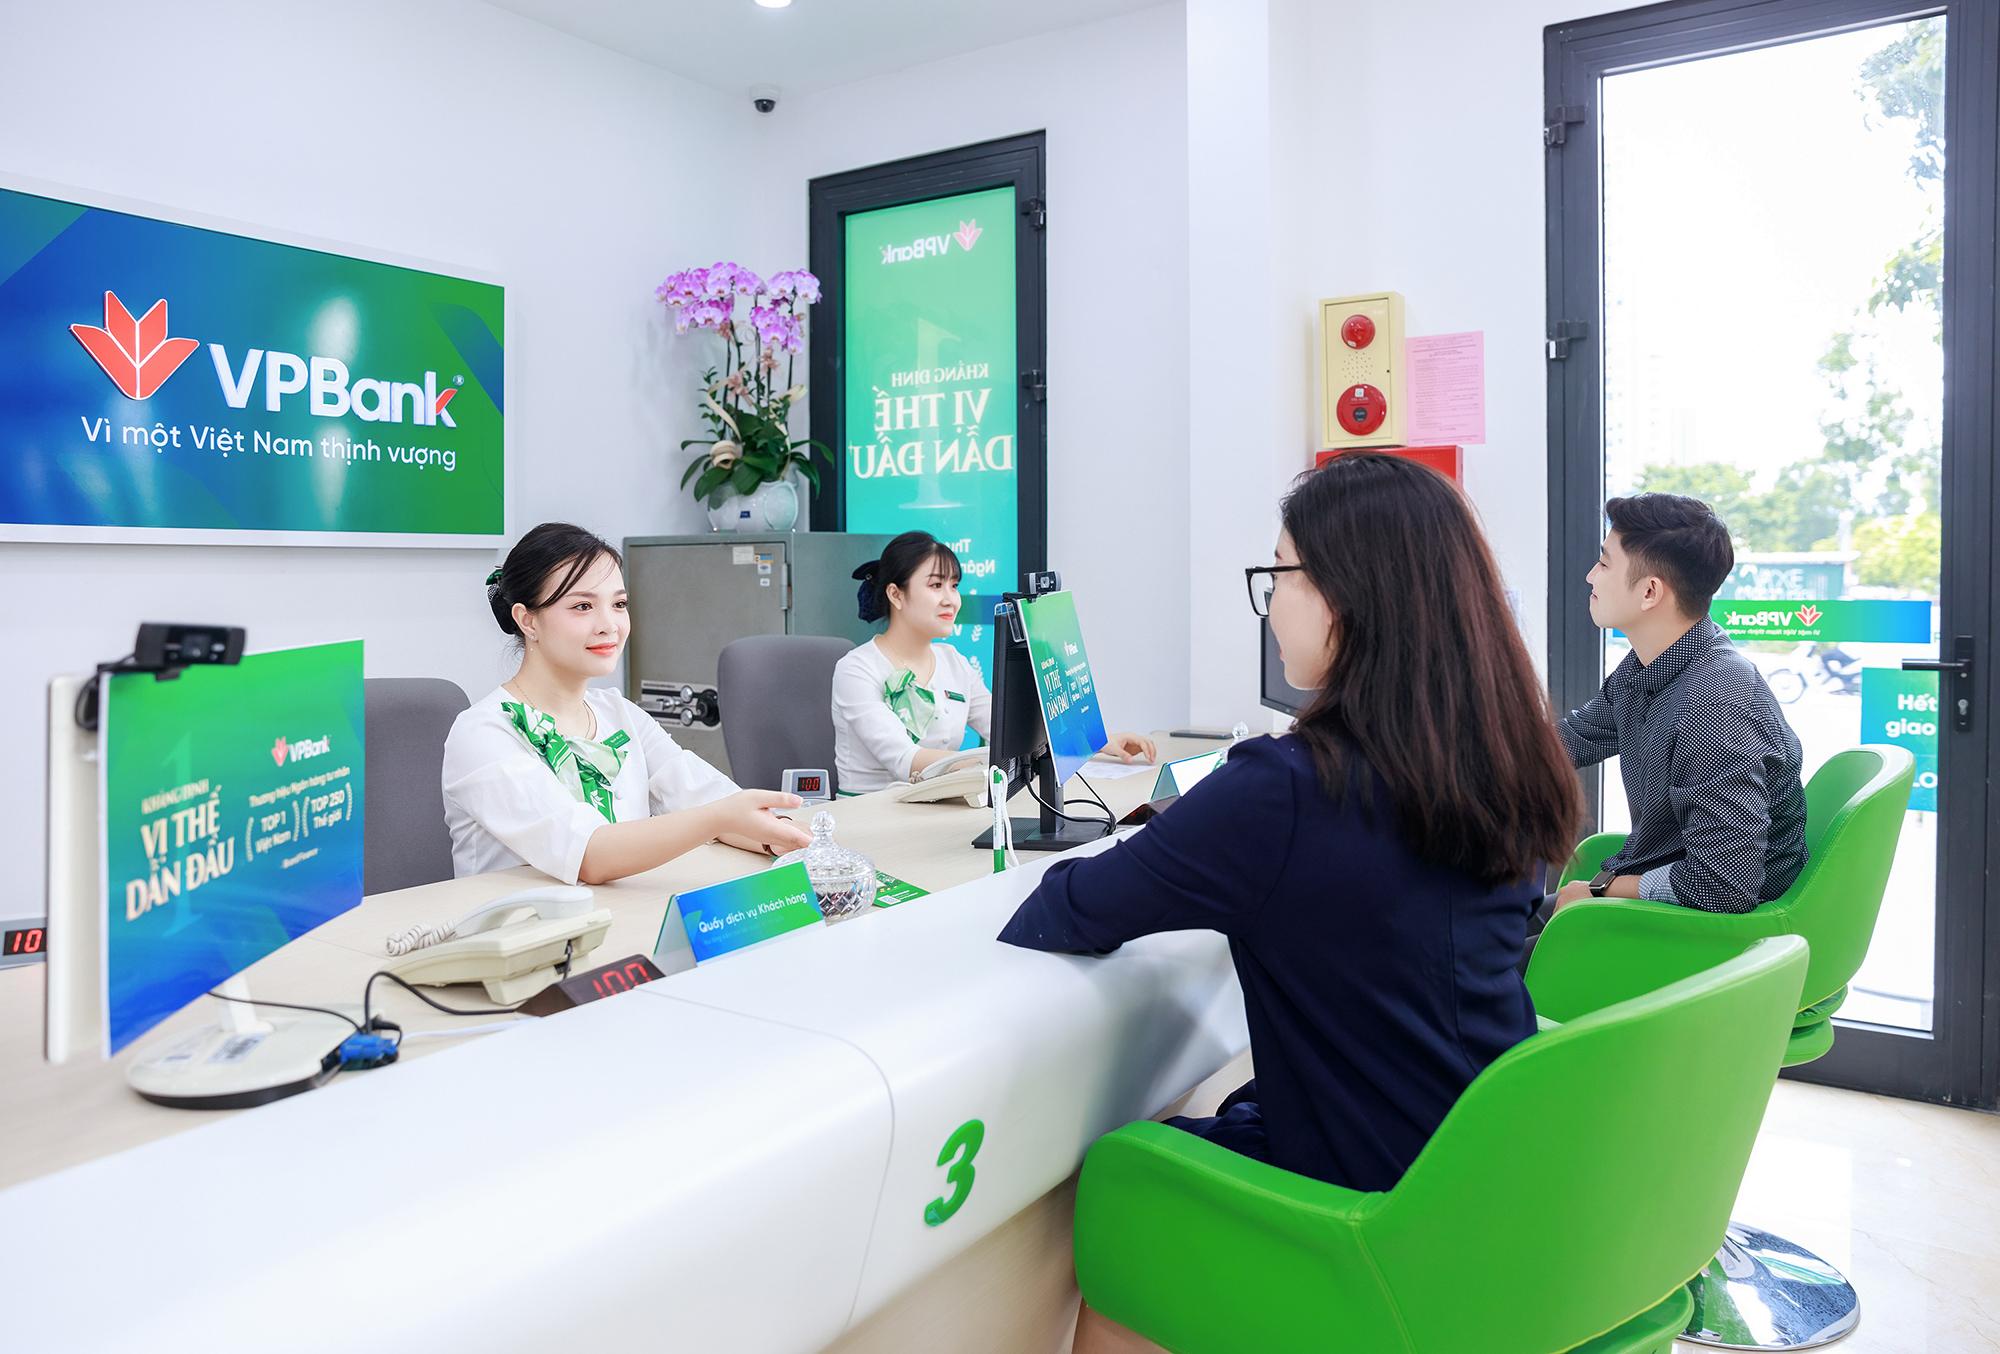 Khách hàng tới giao dịch tại một chi nhánh VPBank. Ảnh: VPBank